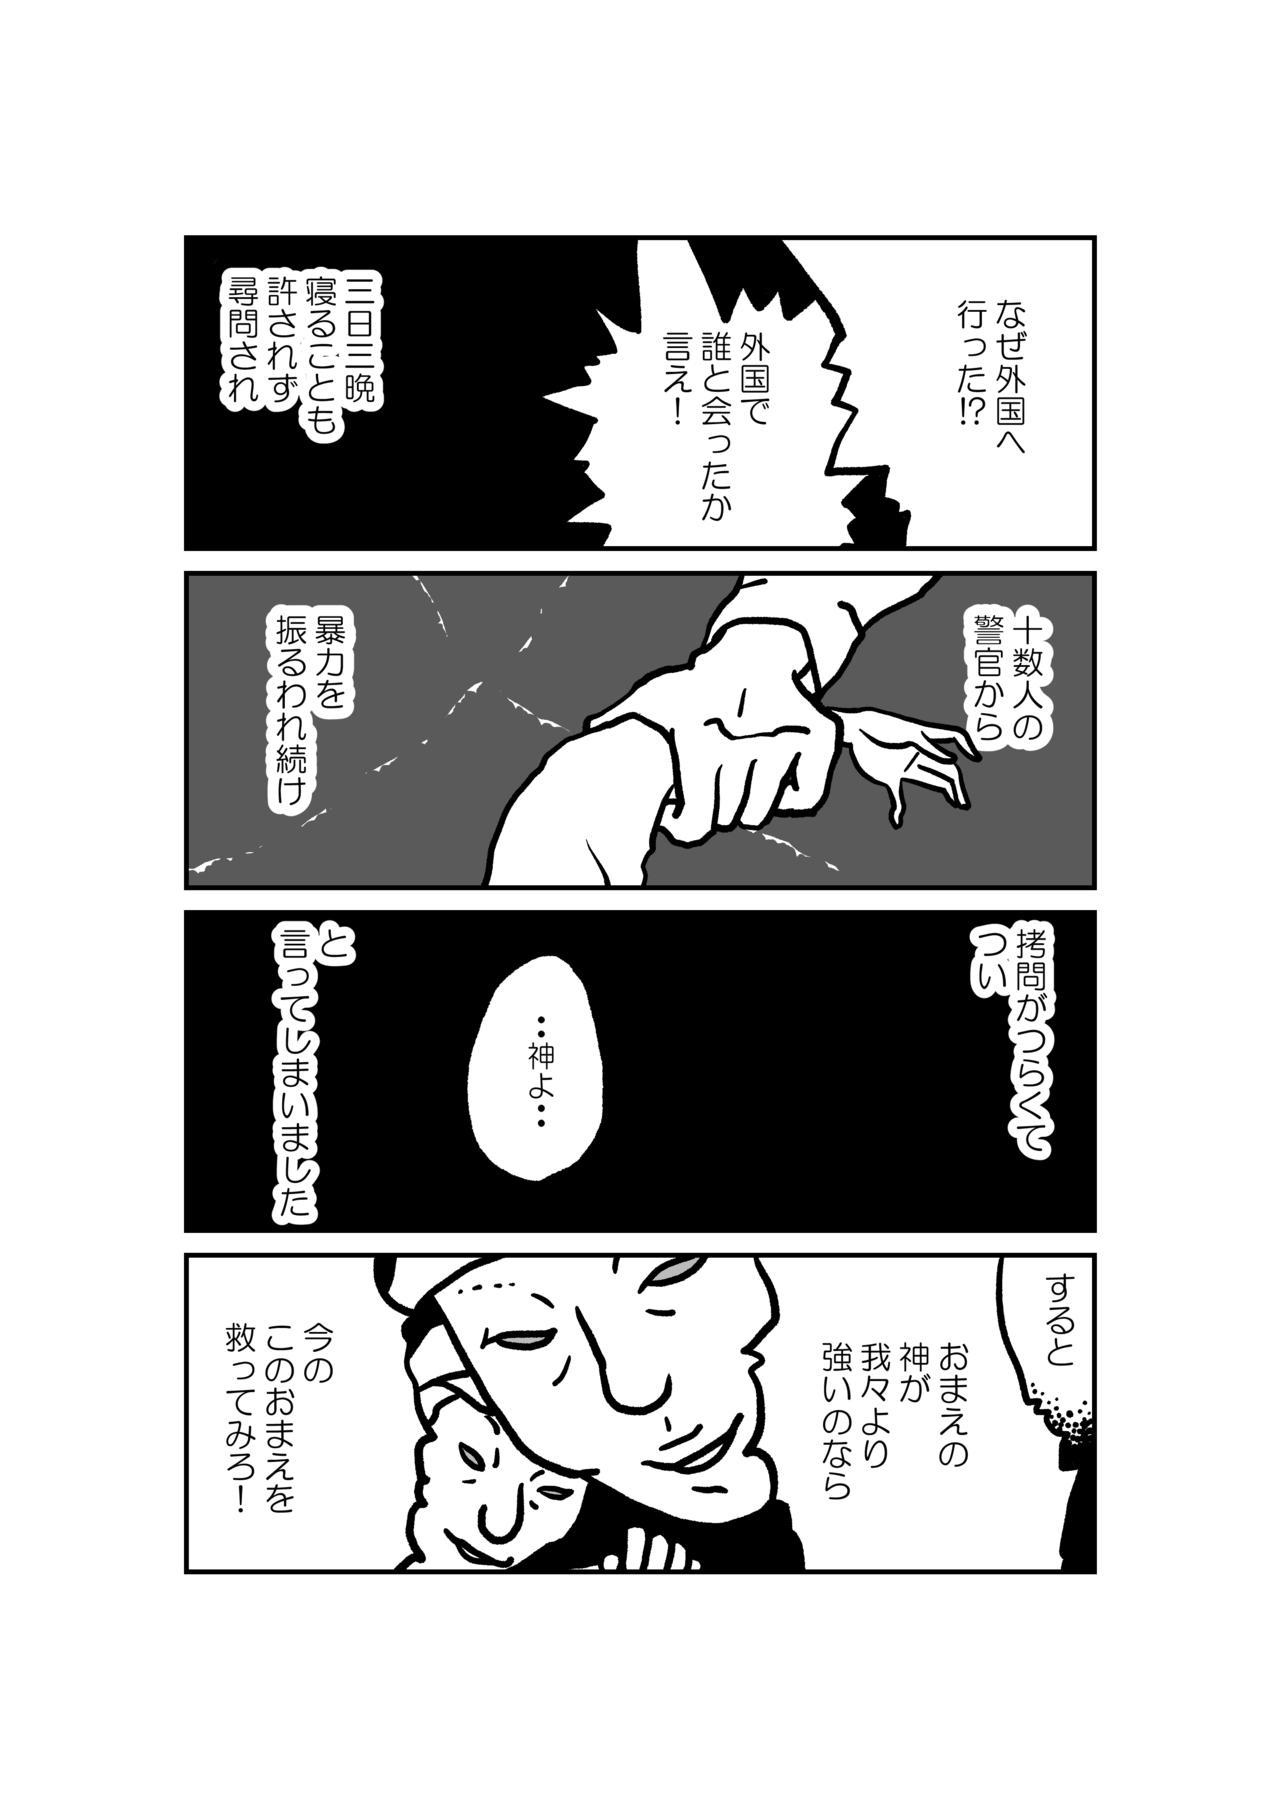 証言集会マンガ05